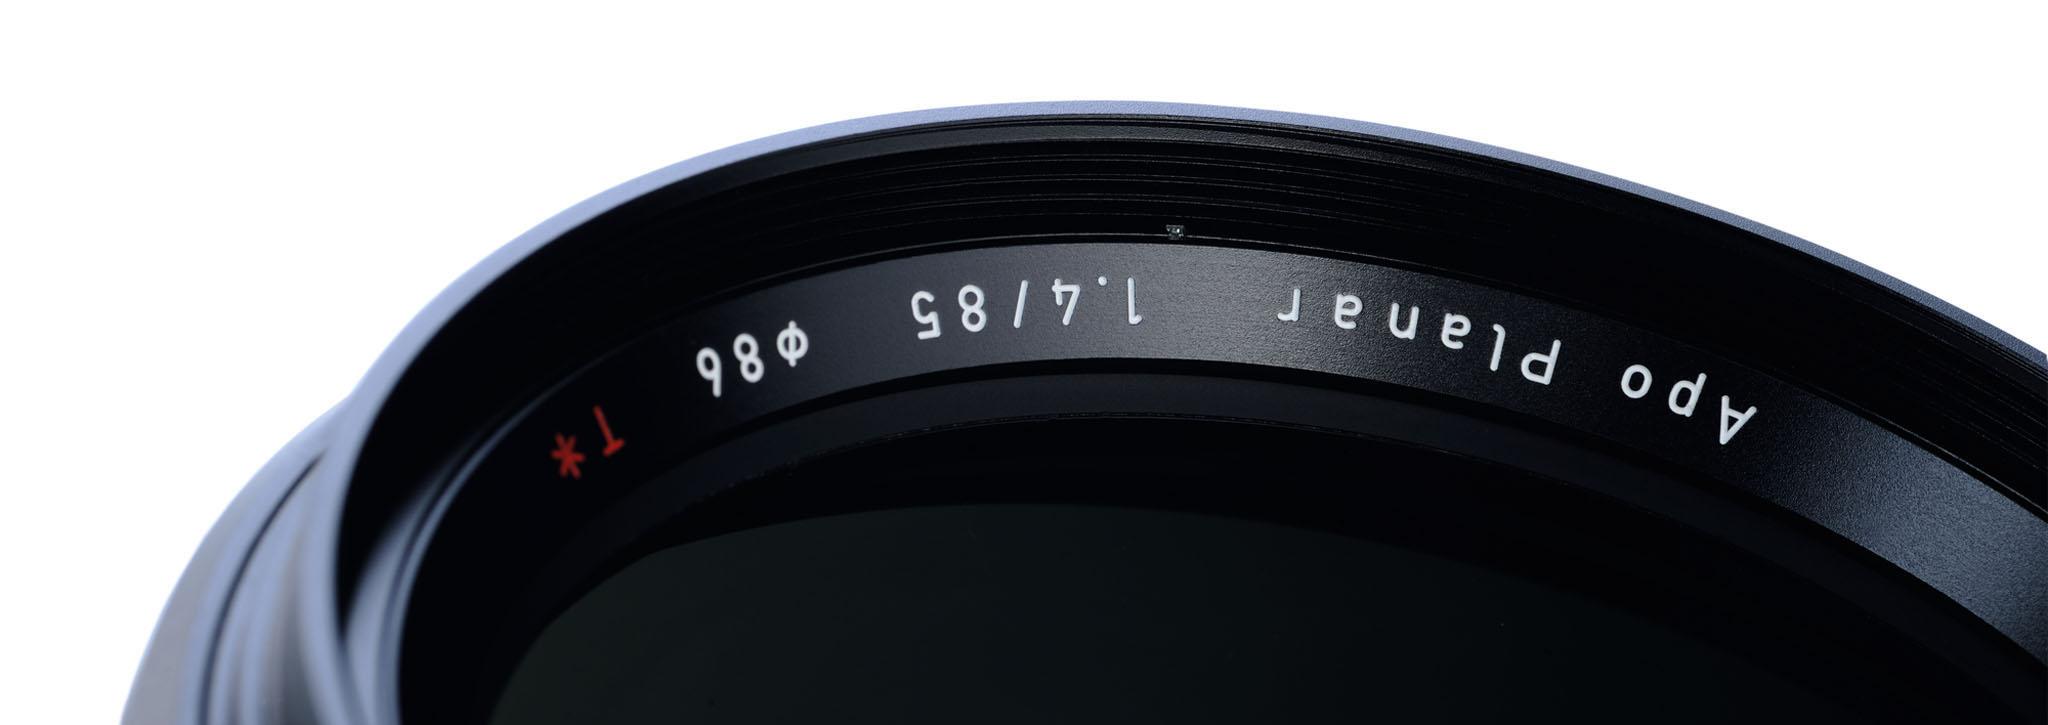 experienta-zeiss-otus-1-485-cover